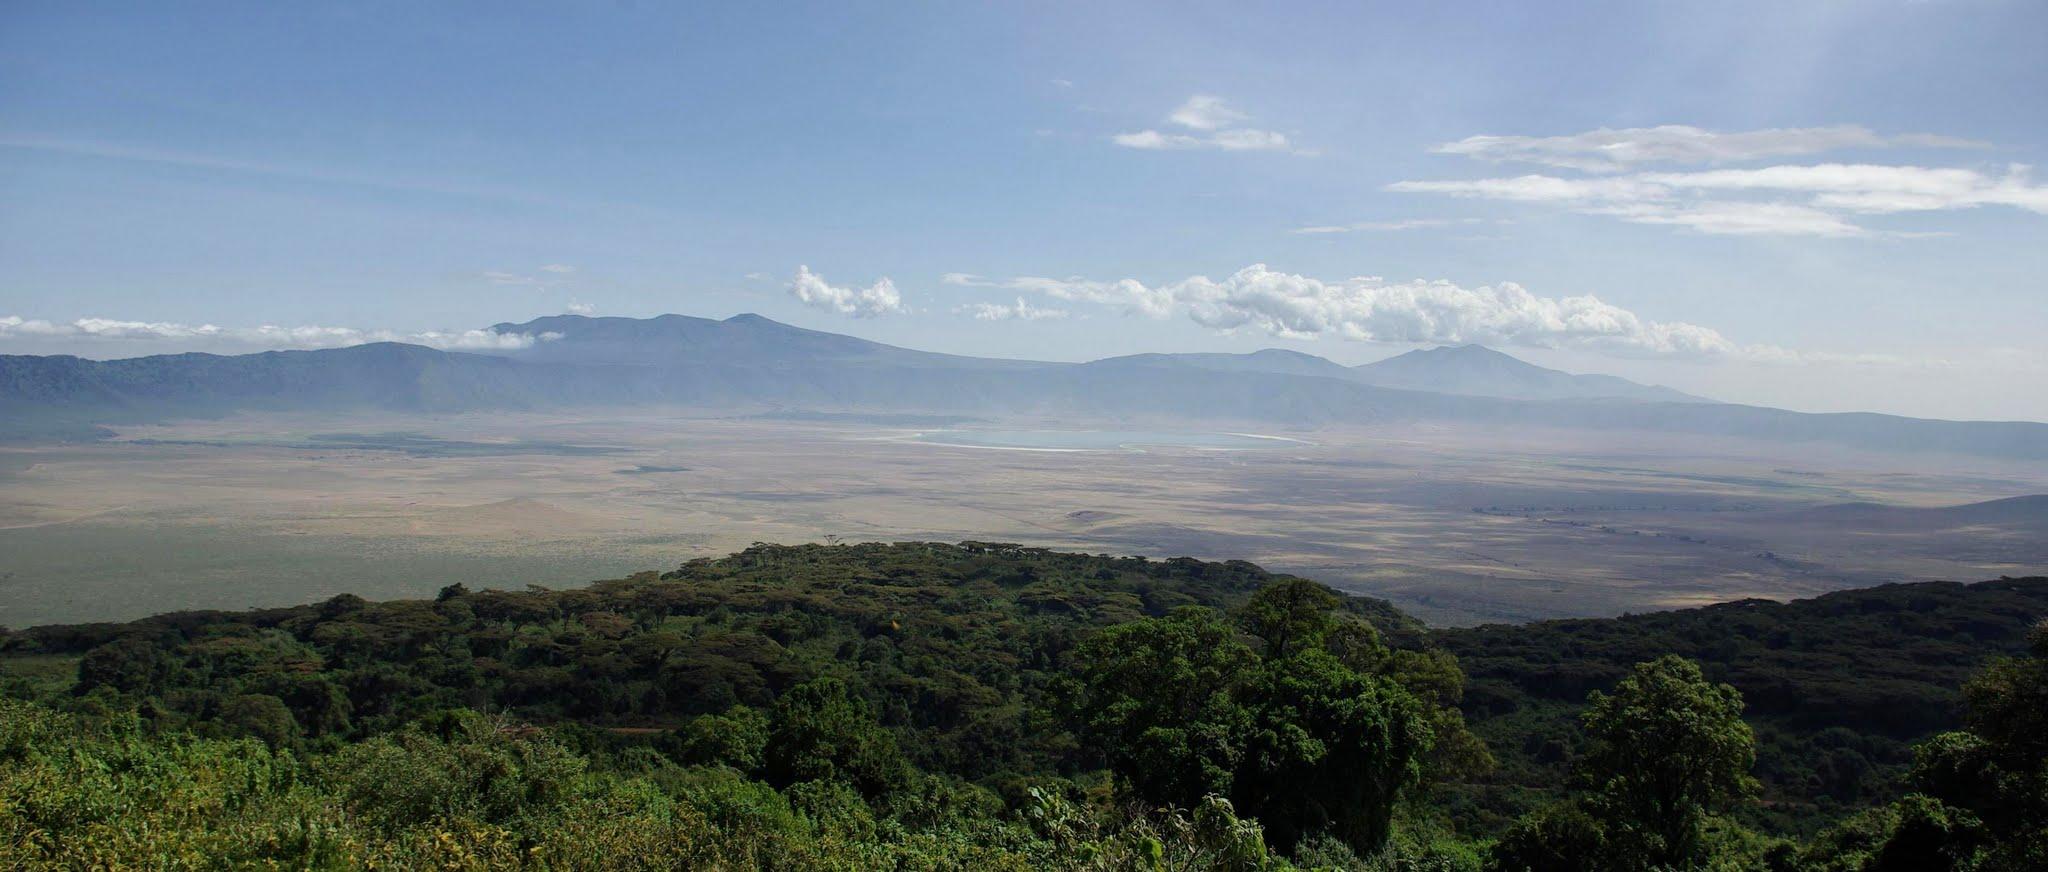 3-ngorongoro-06-08_dxo